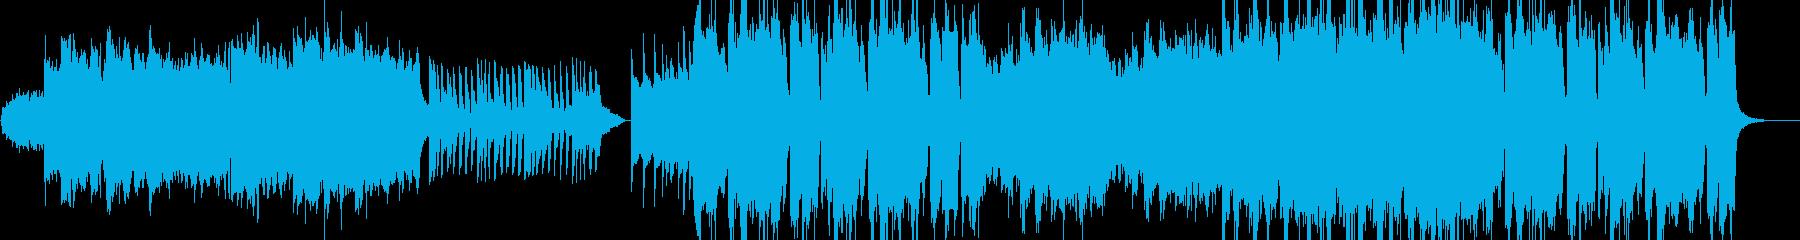 広大なミュージカルオーケストラの再生済みの波形